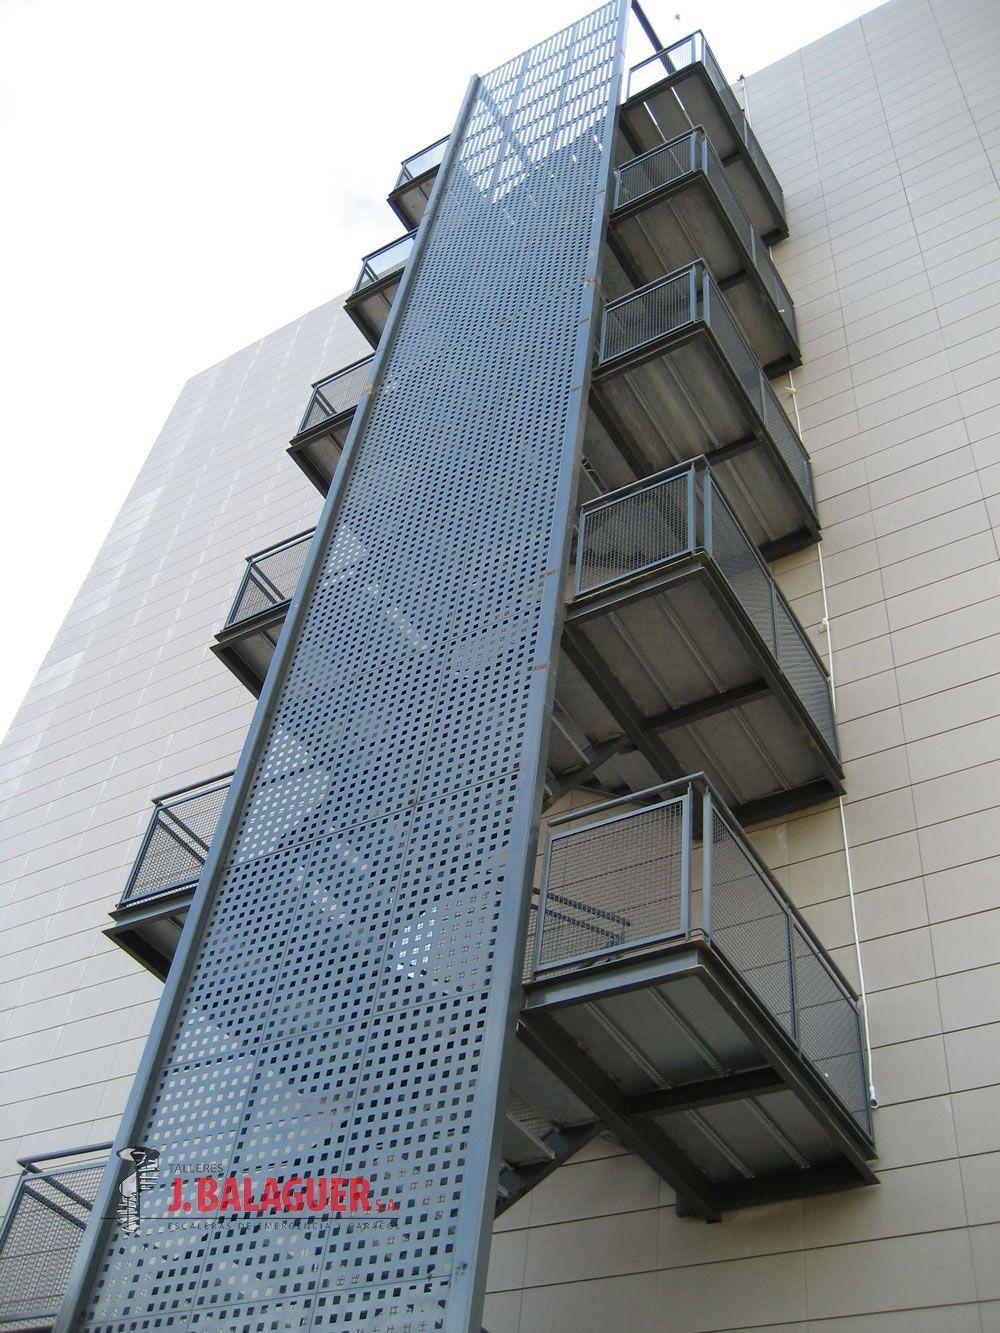 Escalera emergencia tramos rectos escaleras exteriores for Escaleras exteriores